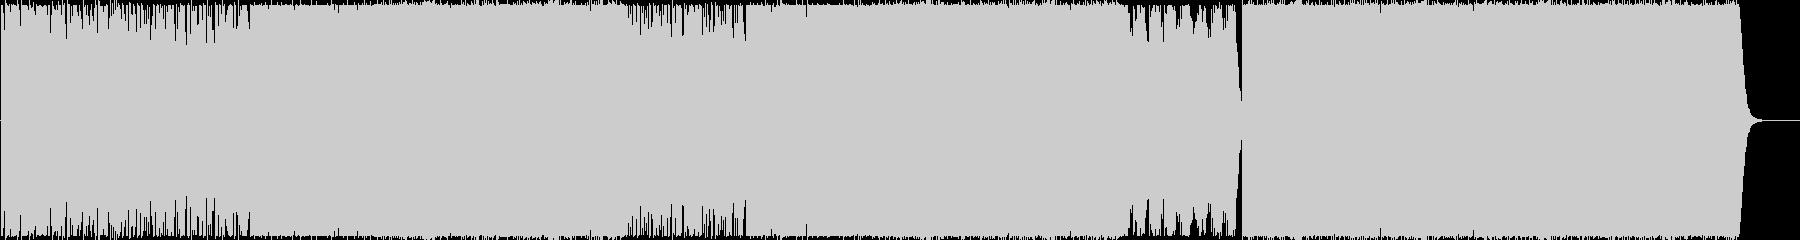 バイオリン/シンセ/808/ビート#1の未再生の波形